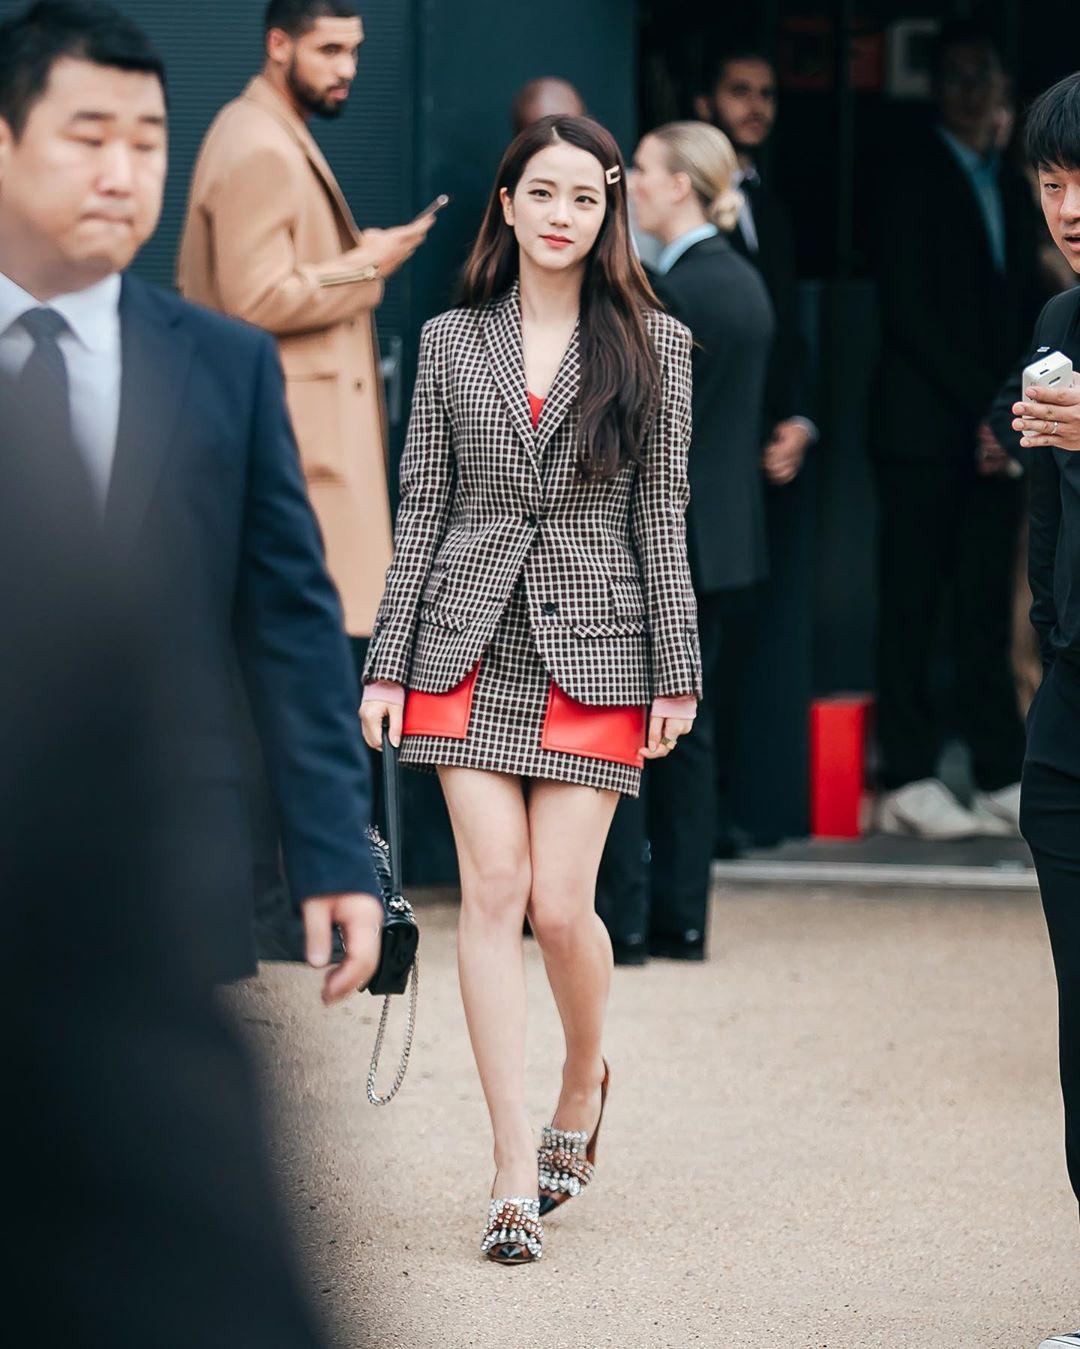 VZN News: Nữ thần Jisoo (BLACKPINK) gây náo loạn trời Anh: Quá xinh và sang như tiểu thư quý tộc, ảnh chụp vội gây choáng - Ảnh 2.